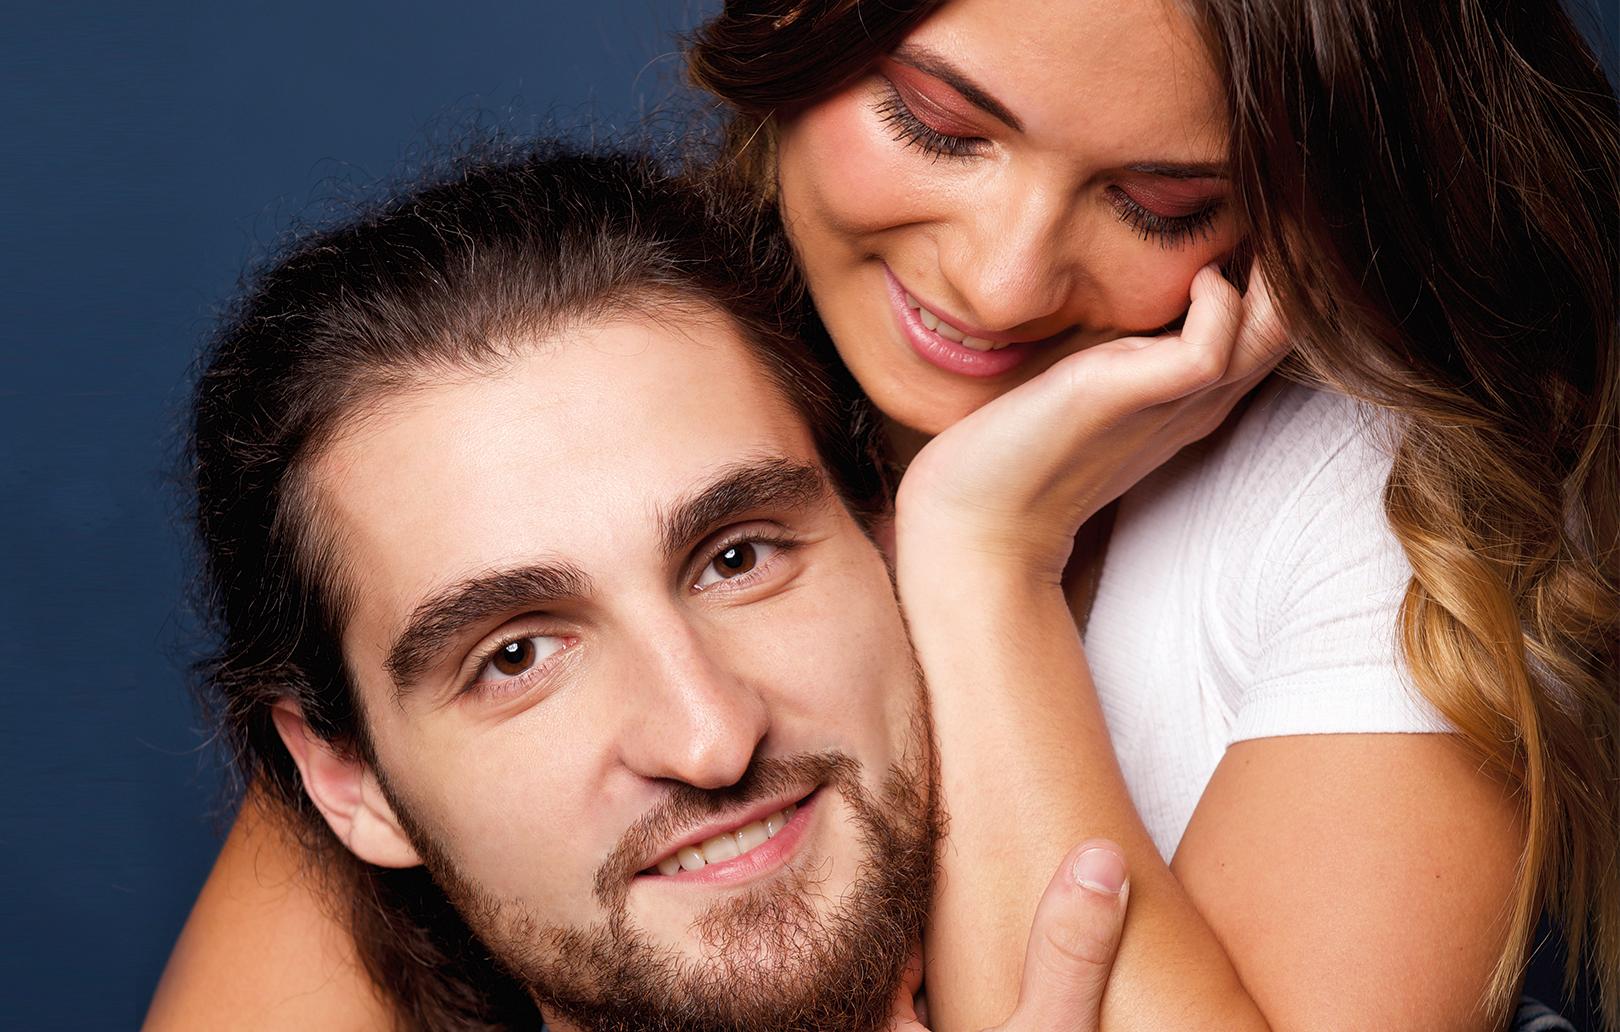 partner-fotoshooting-chemnitz-bg41617888180